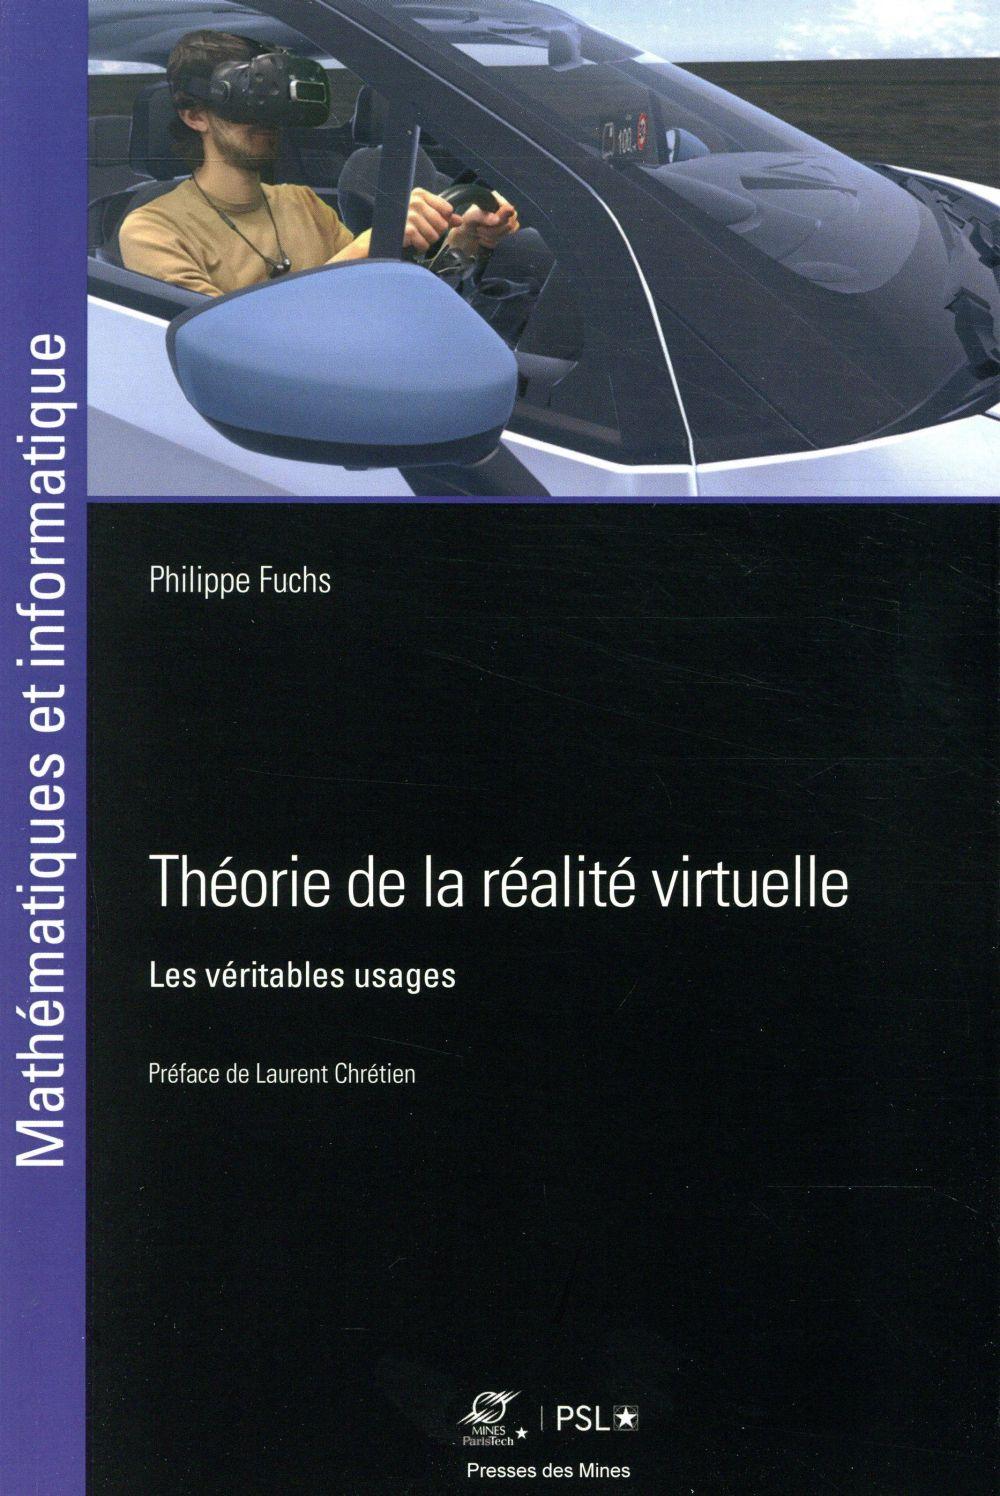 Theorie De La Realite Virtuelle ; Les Veritables Usages